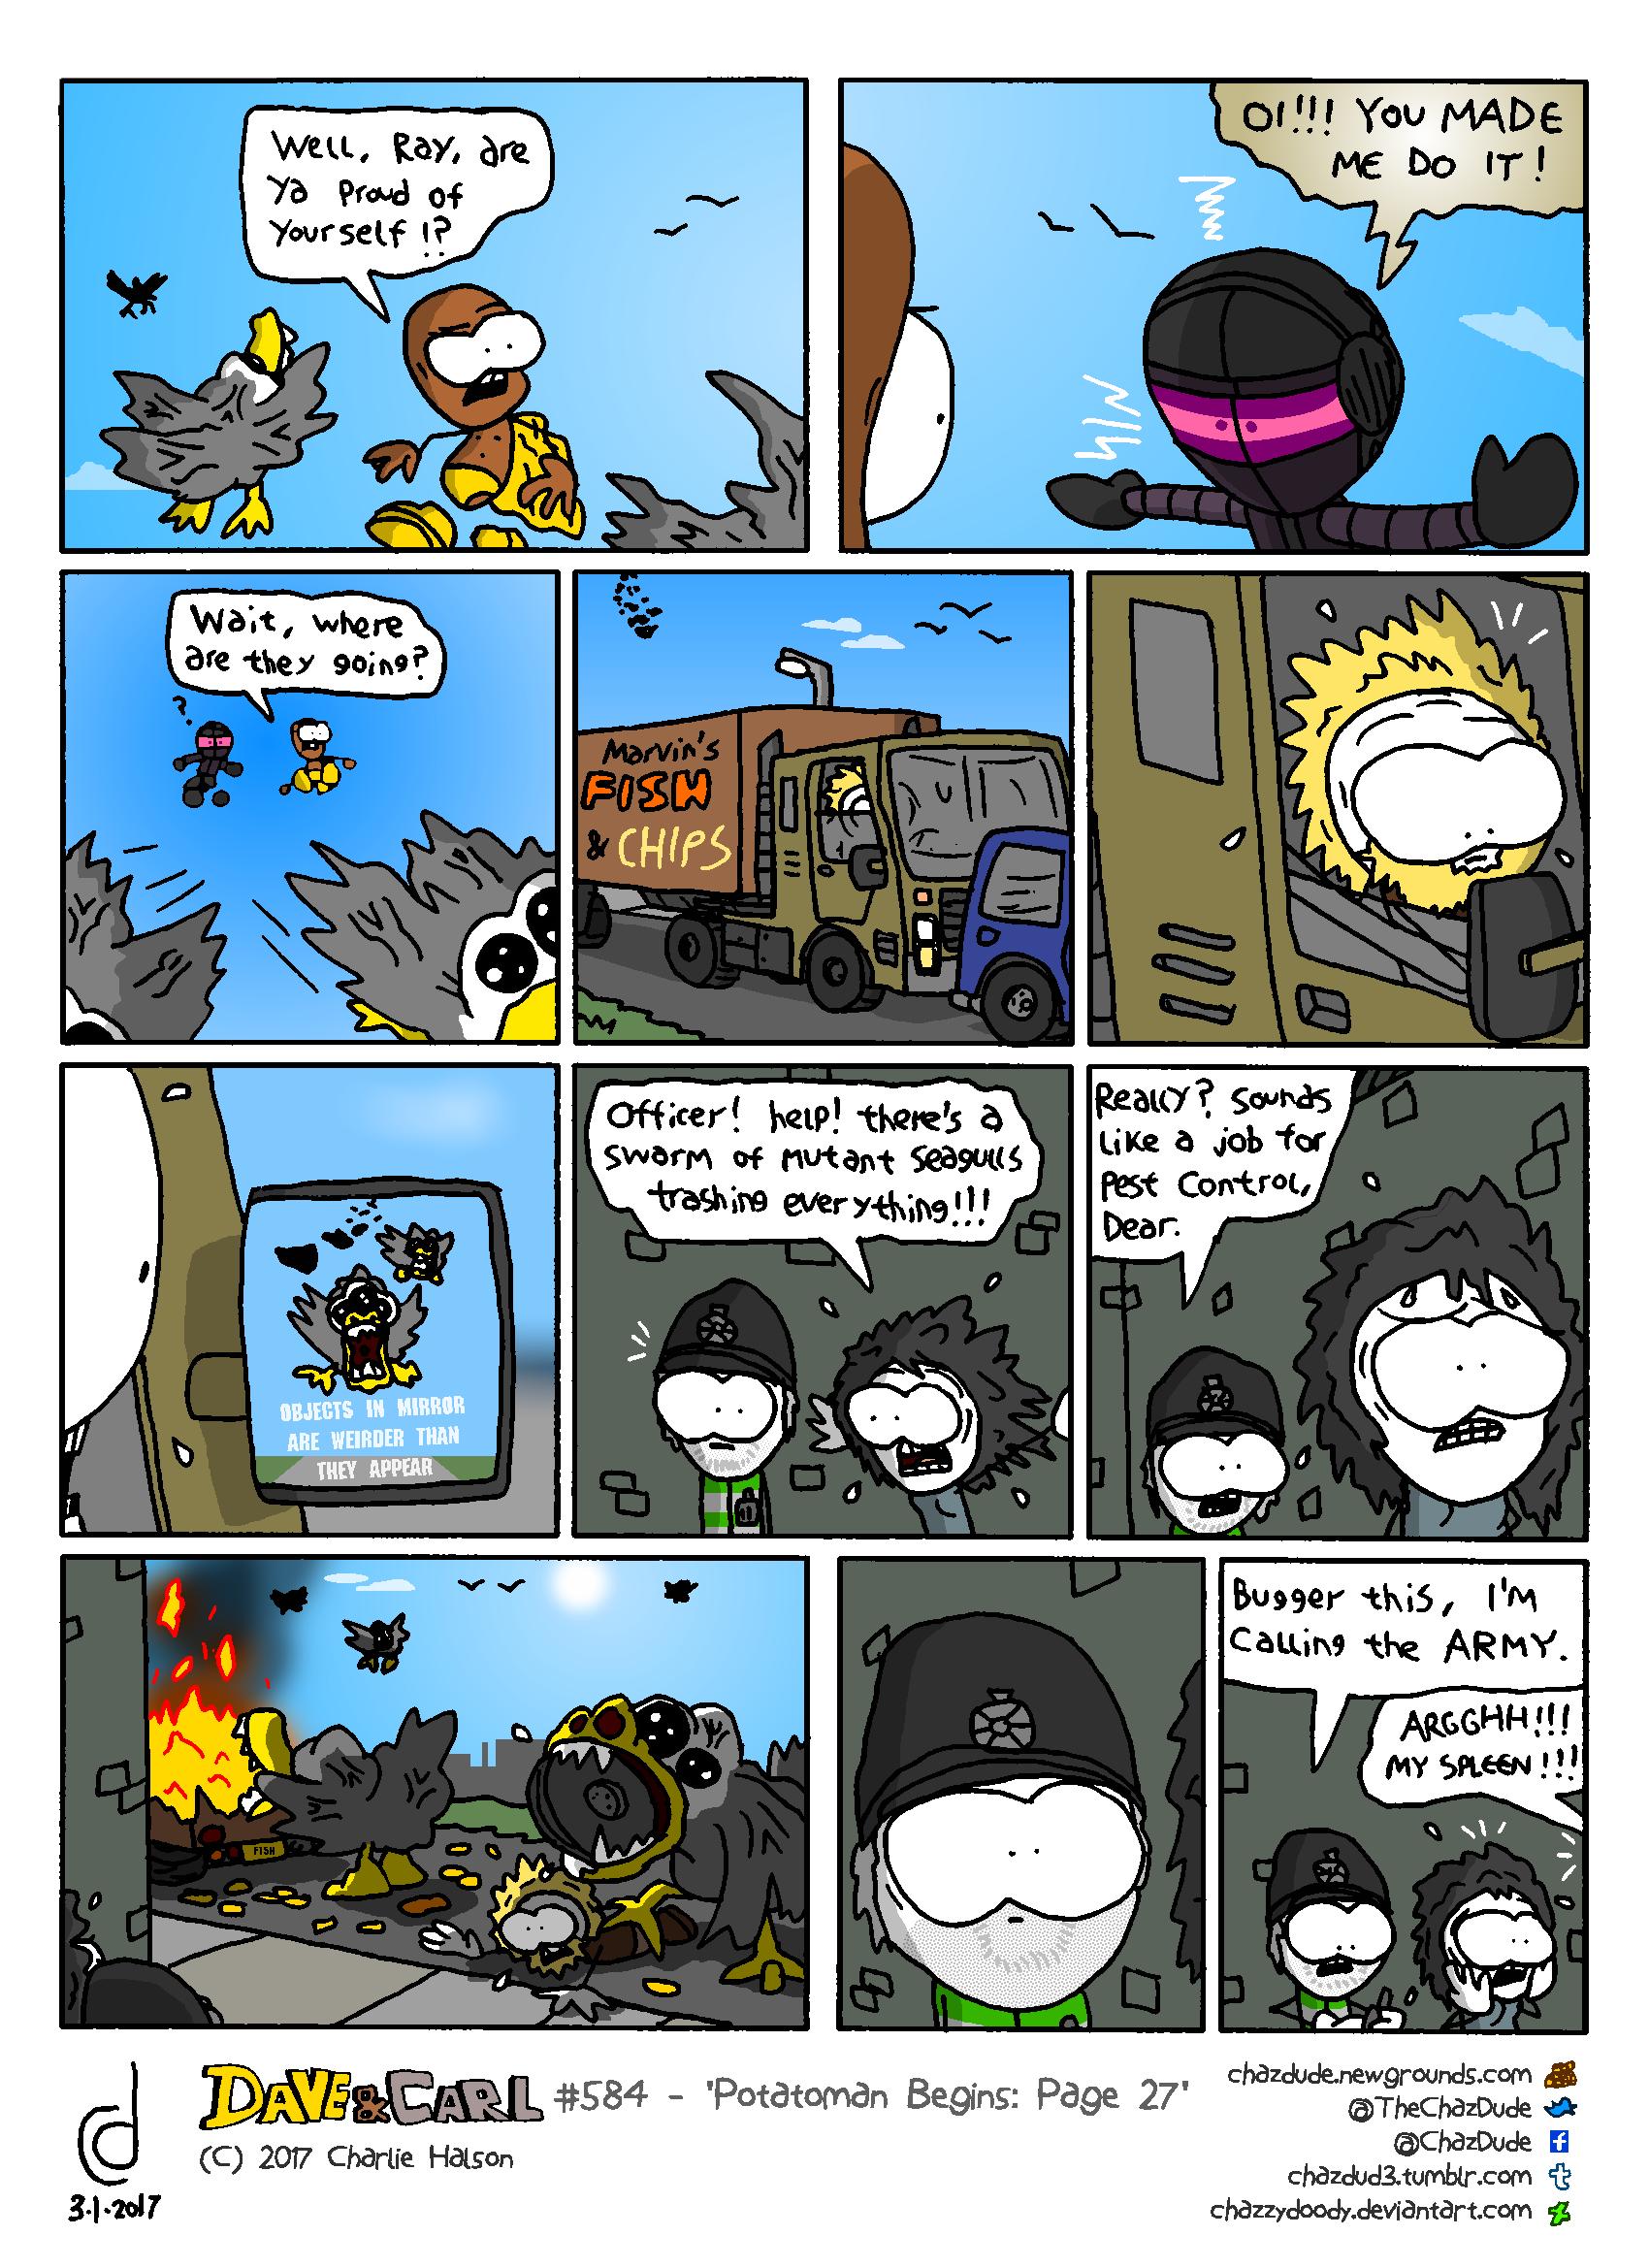 Potatoman Begins: Page 27